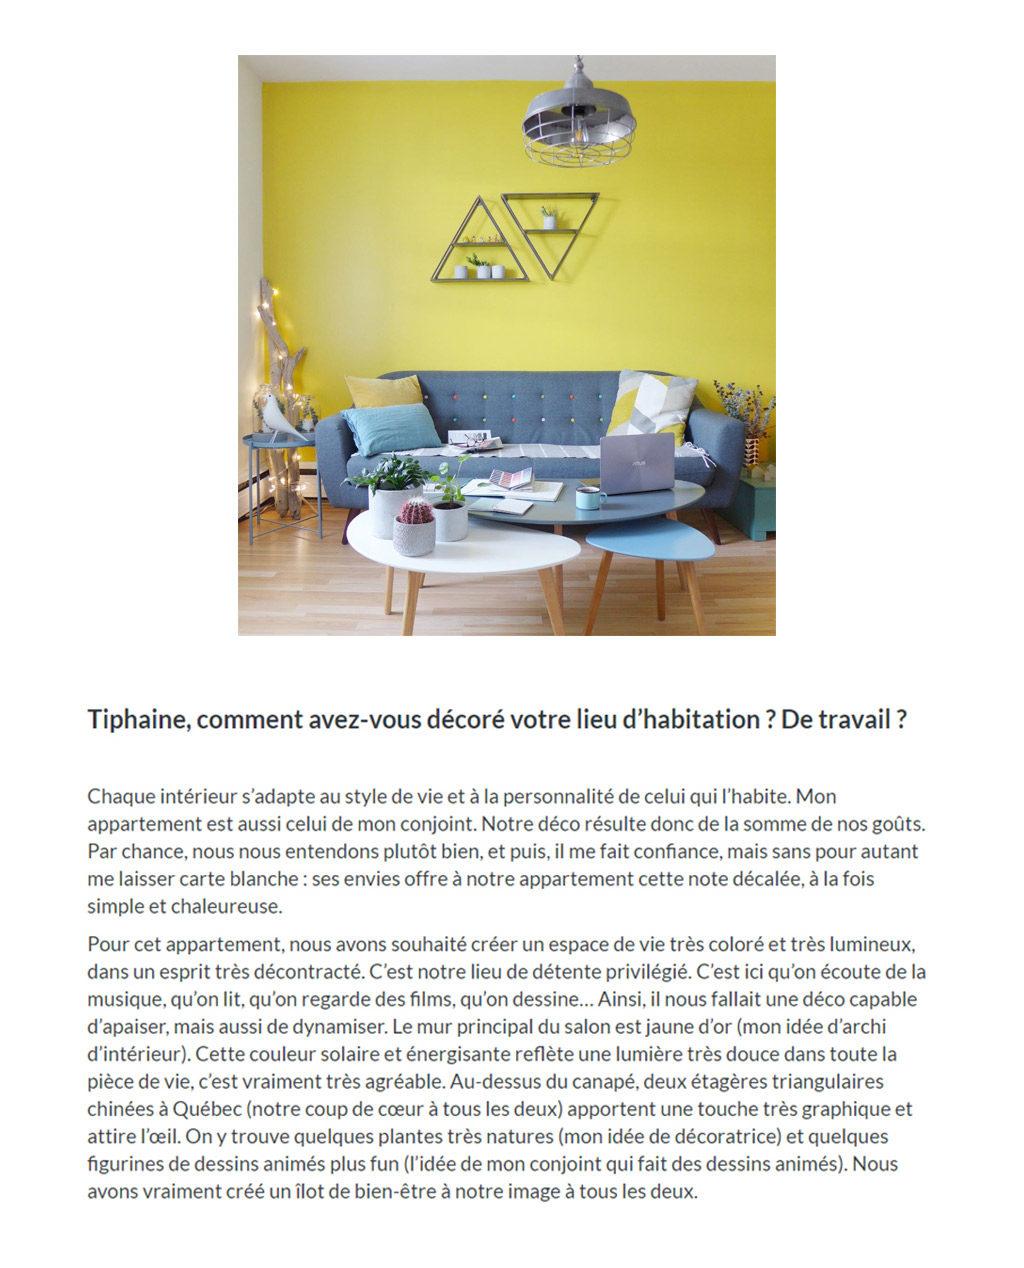 Publication Prontopro. Vue sur l'article